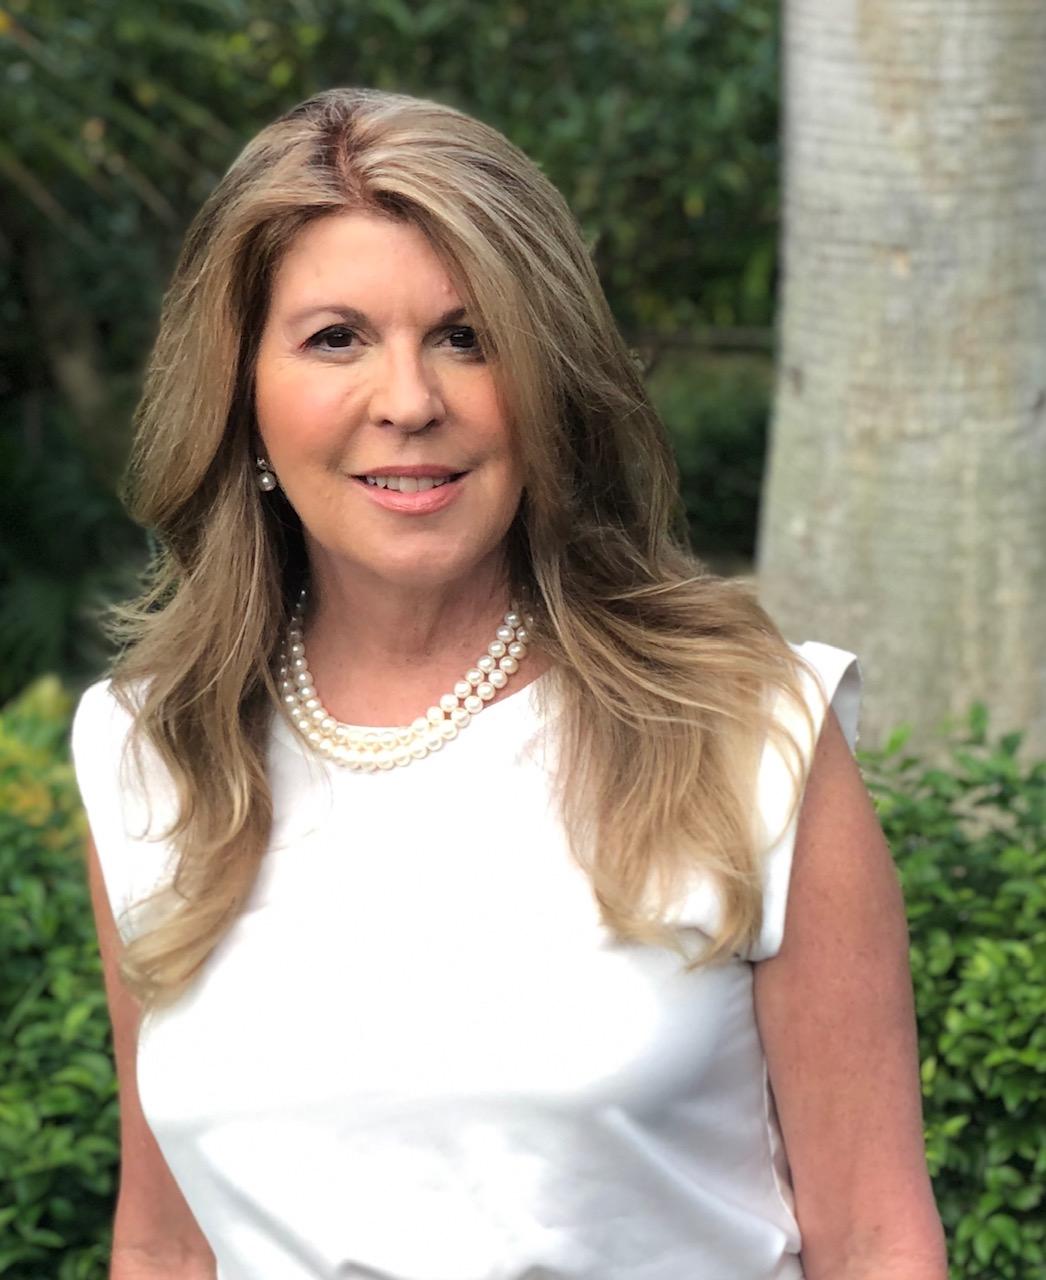 Cynthia Archbold